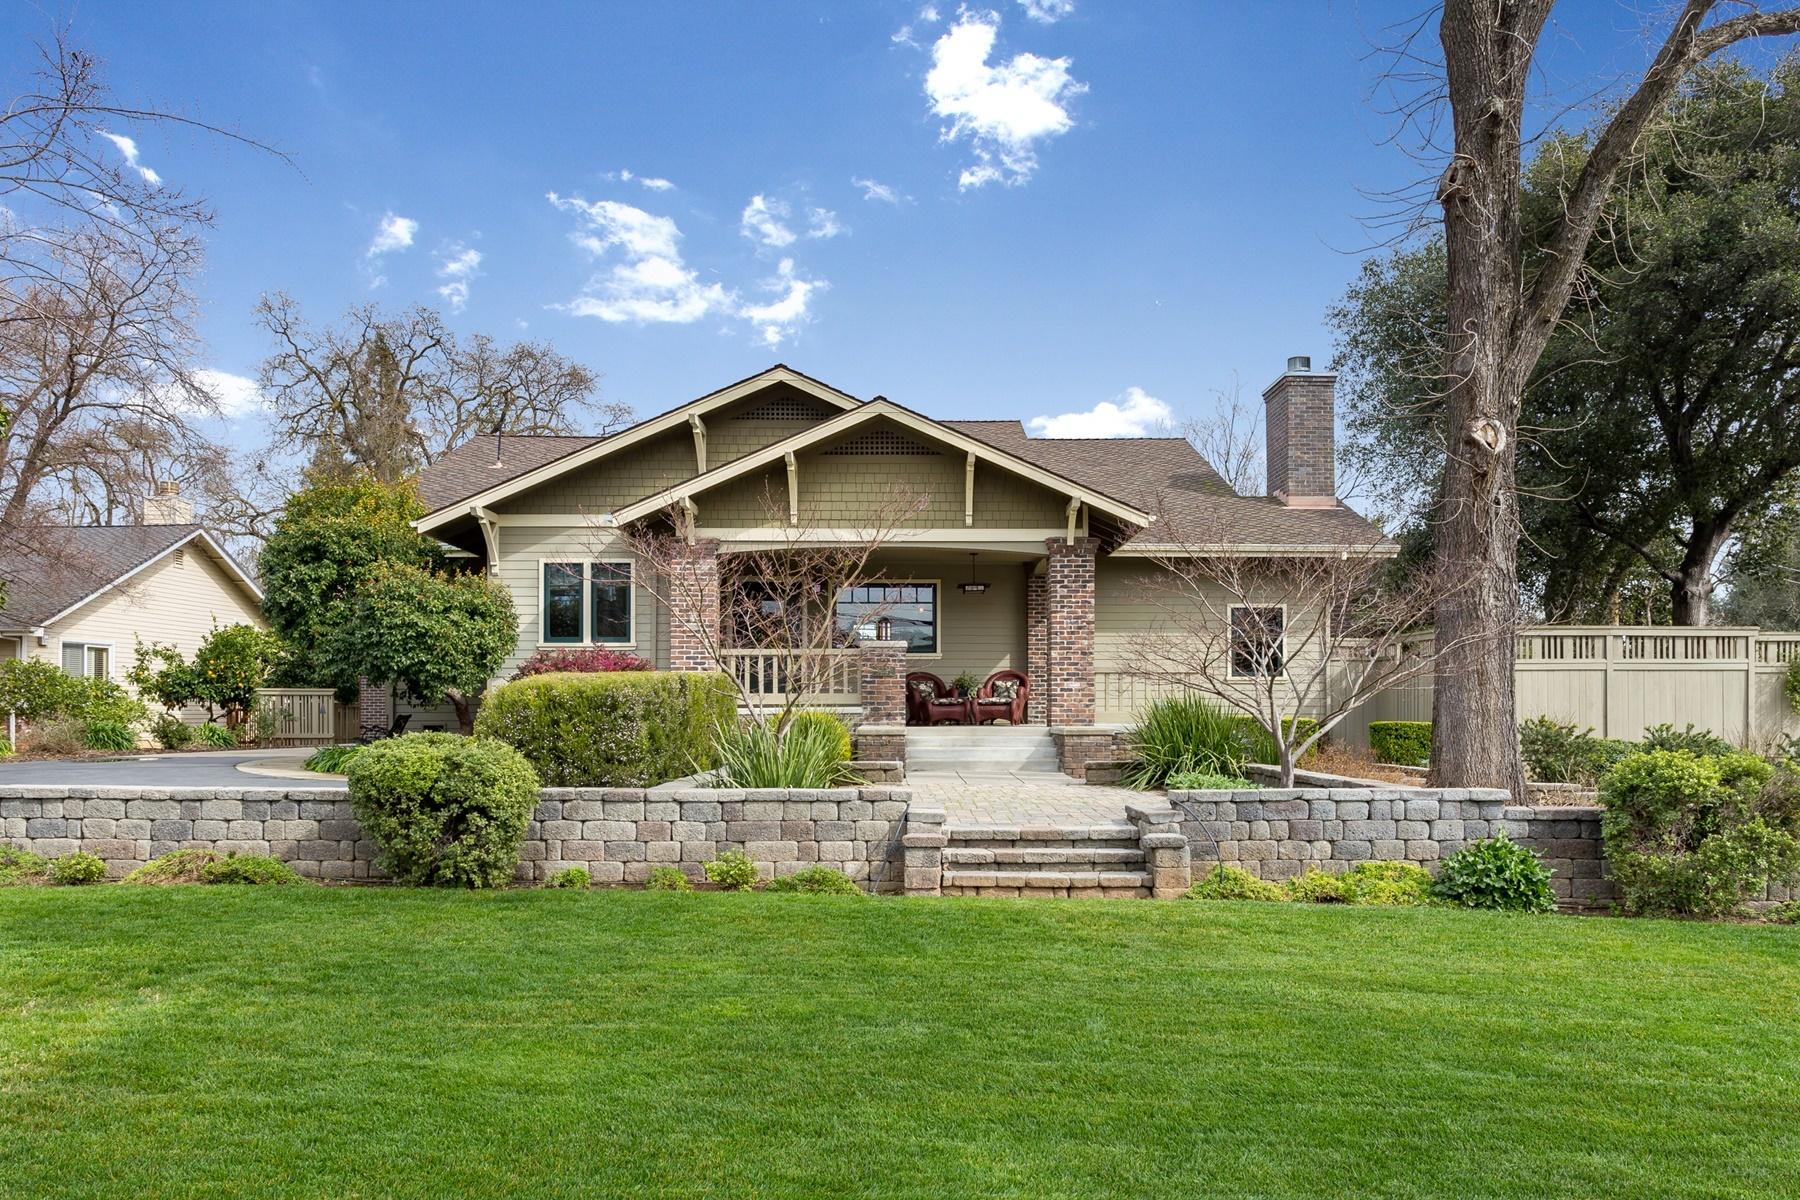 Maison unifamiliale pour l Vente à Remarkable 1910 Craftsman 3232 Norris Avenue Sacramento, Californie 95821 États-Unis